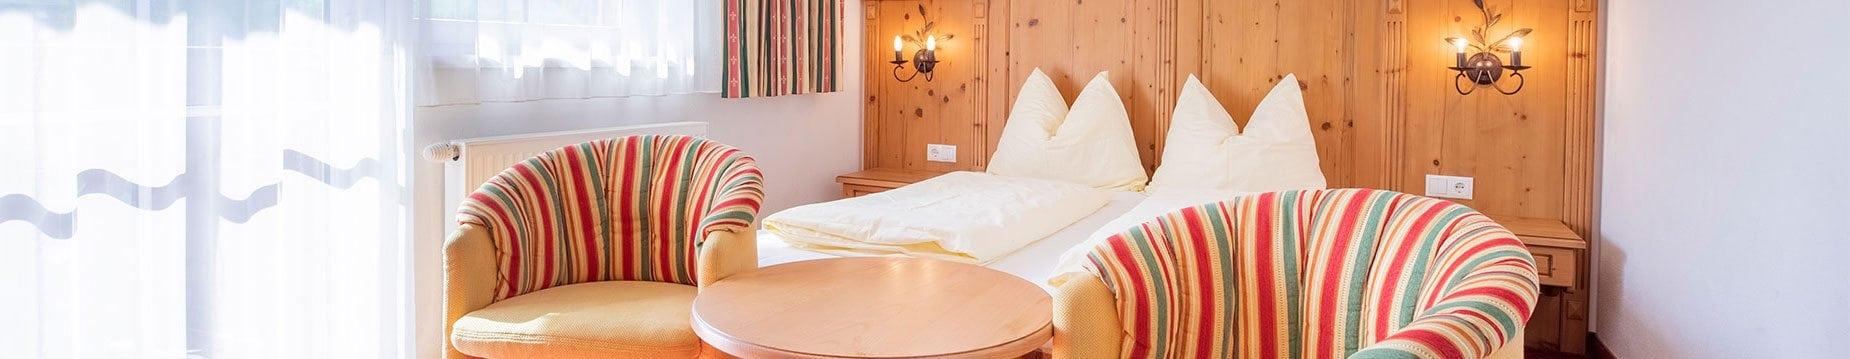 Schöne Zimmer in Flachau, Ski amadé